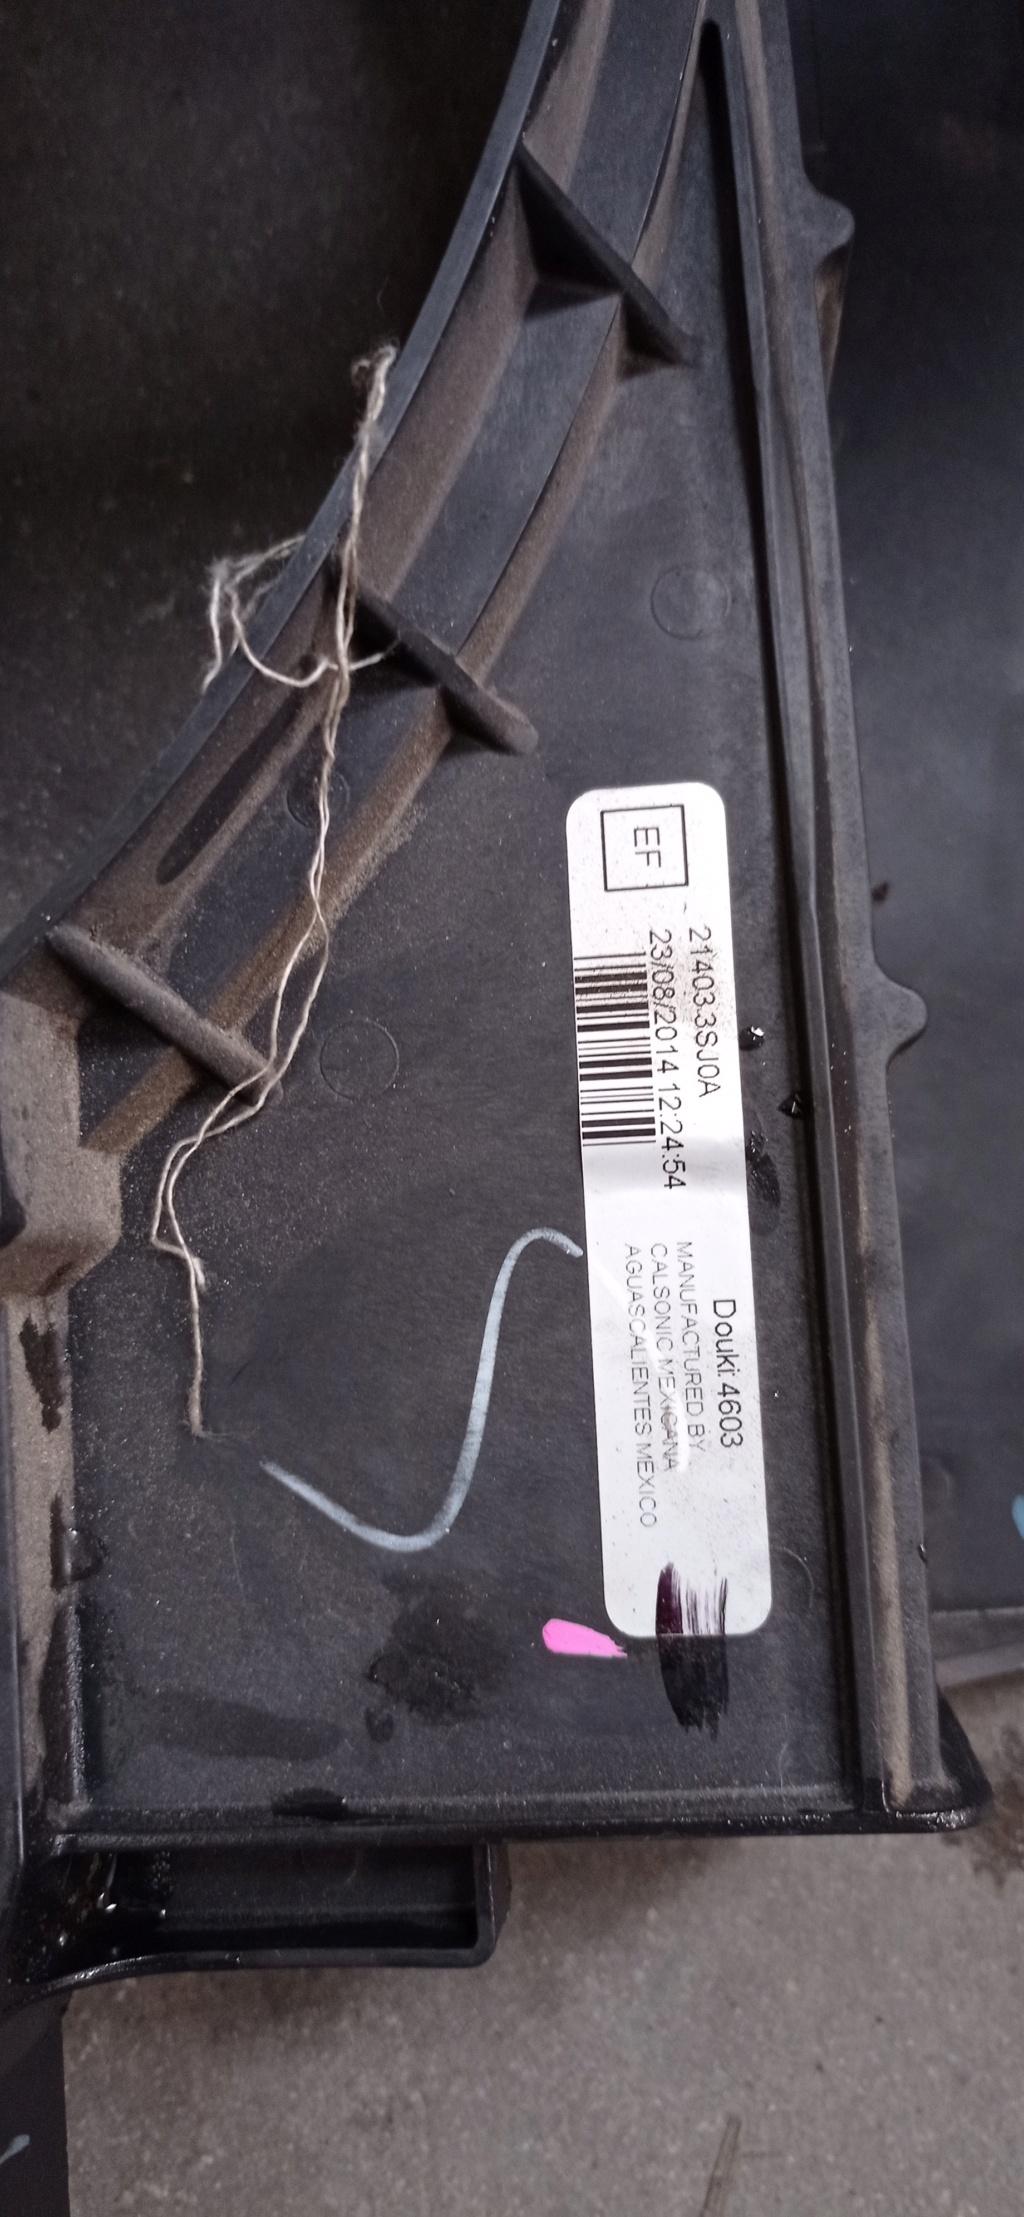 Eletro-ventilador (ventoinha, radiador) Novo Sentra B17 - Falta de Recall  - Página 22 16109715